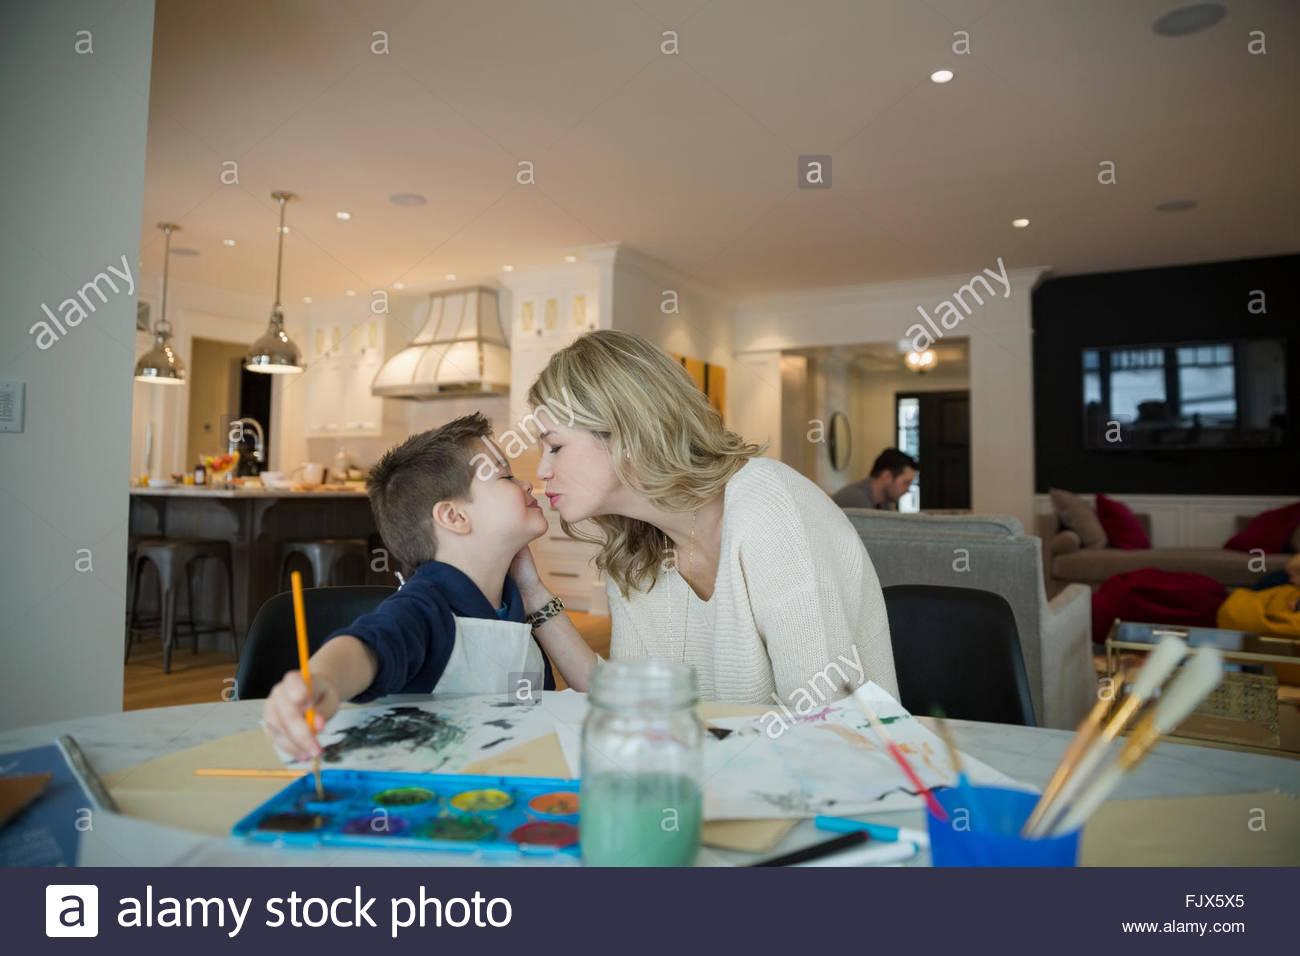 Besos madre hijo de acuarela en la mesa Imagen De Stock